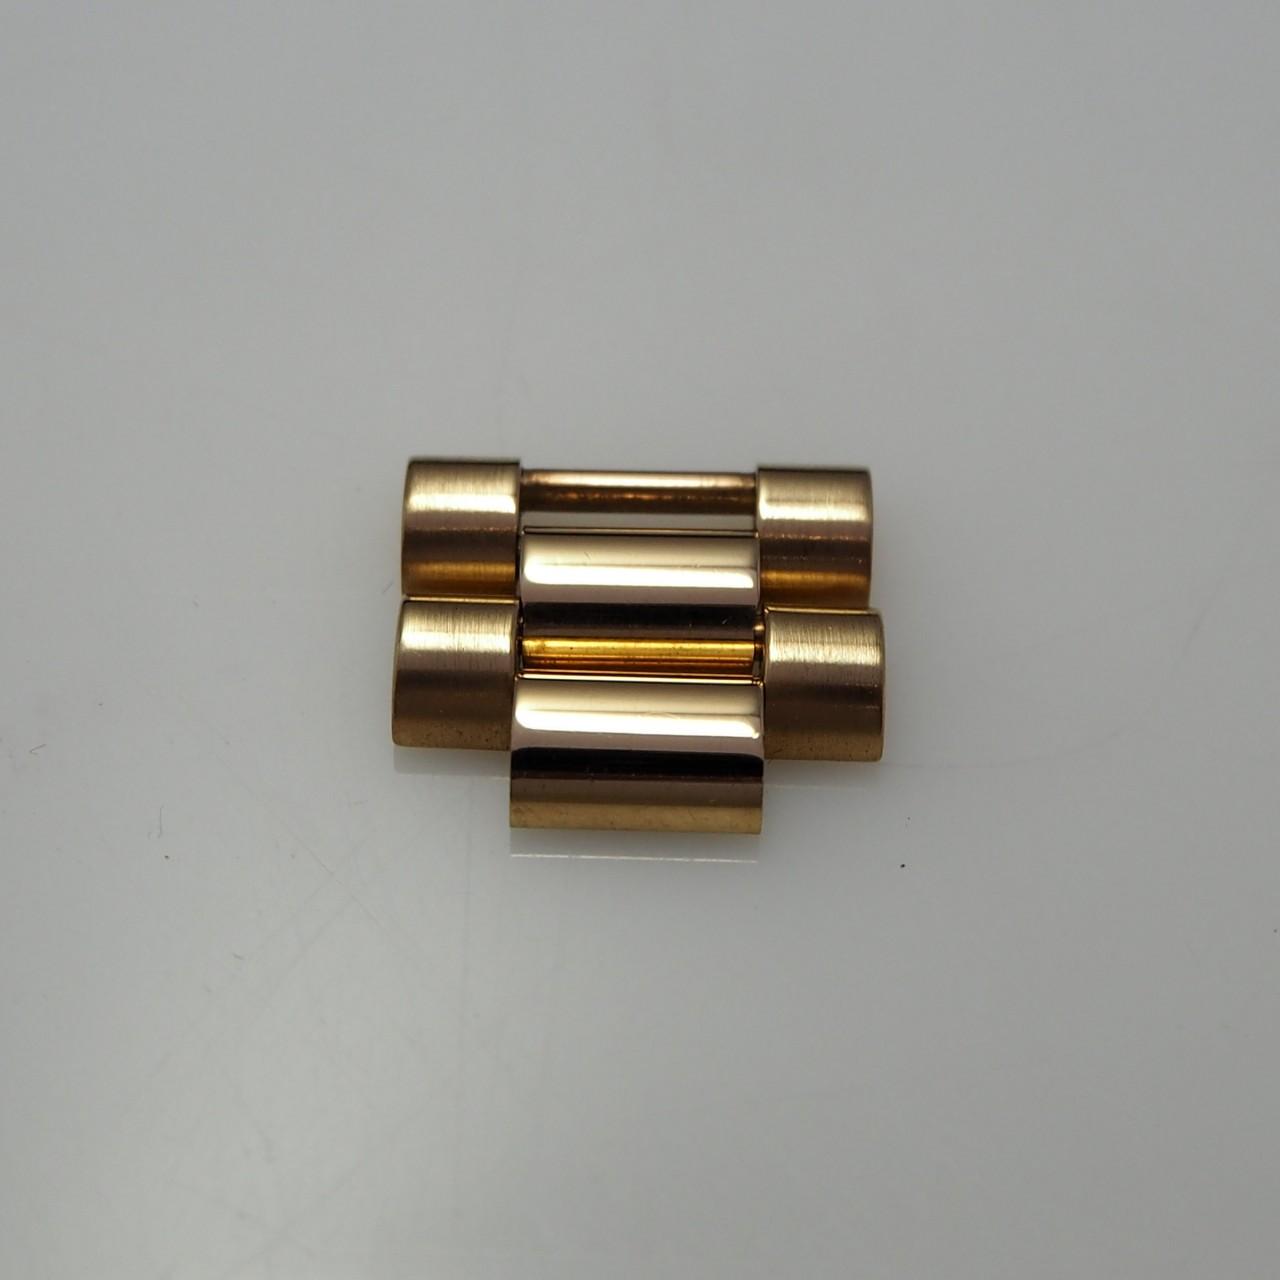 Rolex Präsident Bandelemente/ Bandglieder (2X) Gold 18k/750 - 2 x 16mm